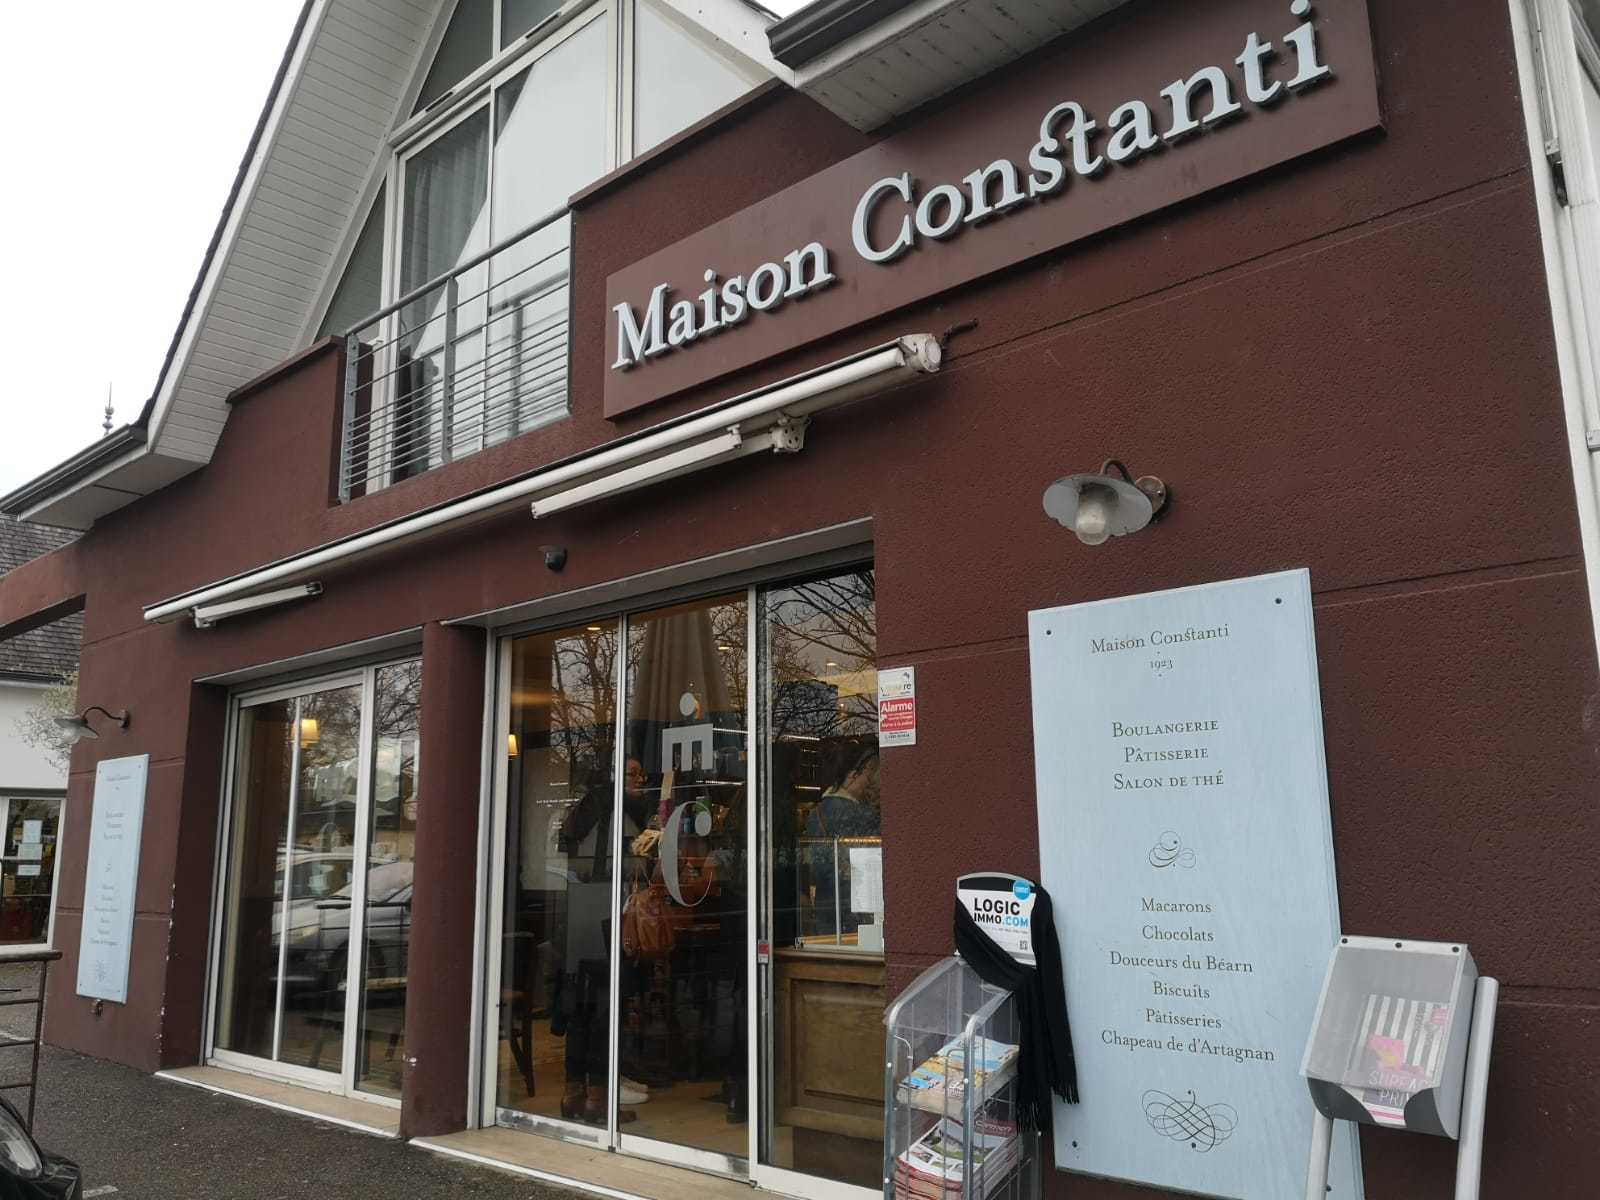 Galerie d'image - Maison Constanti